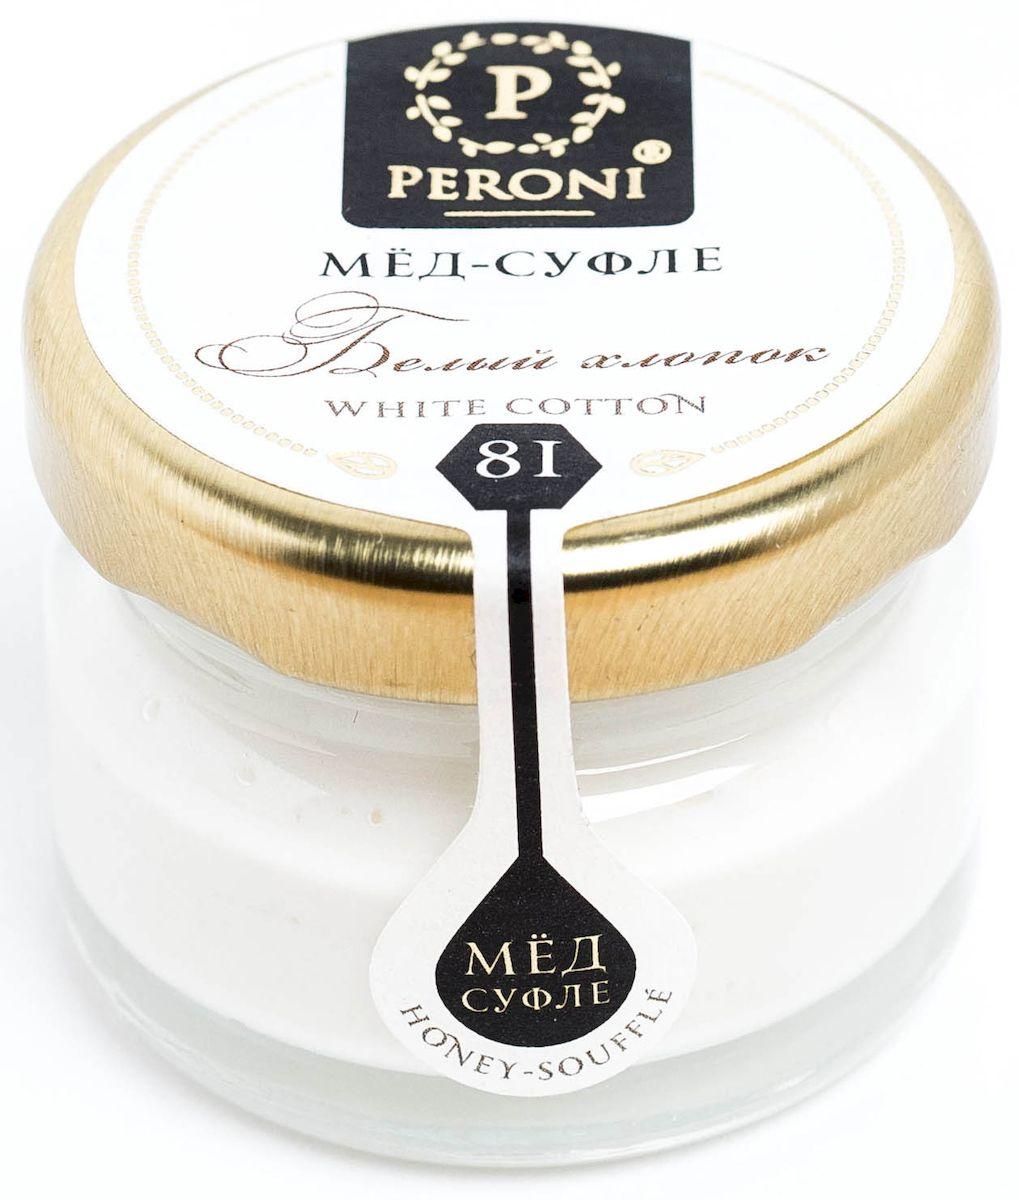 Peroni Белый хлопок мед-суфле, 30 г0120710Хлопковый мед - это уникальное творение природы, целебный эликсир с изысканным сливочно-карамельным вкусом. Мягкость, нежность, деликатность - вот основные характеристики этого меда. Он призван приносить истинное удовольствие, наслаждение и гармонию!Для получения меда-суфле используются специальные технологии. Мед долго вымешивается при определенной скорости, после чего его выдерживают при температуре 12-14 градусов, тем самым закрепляя его нужную консистенцию. Все полезные свойства меда при этом сохраняются.